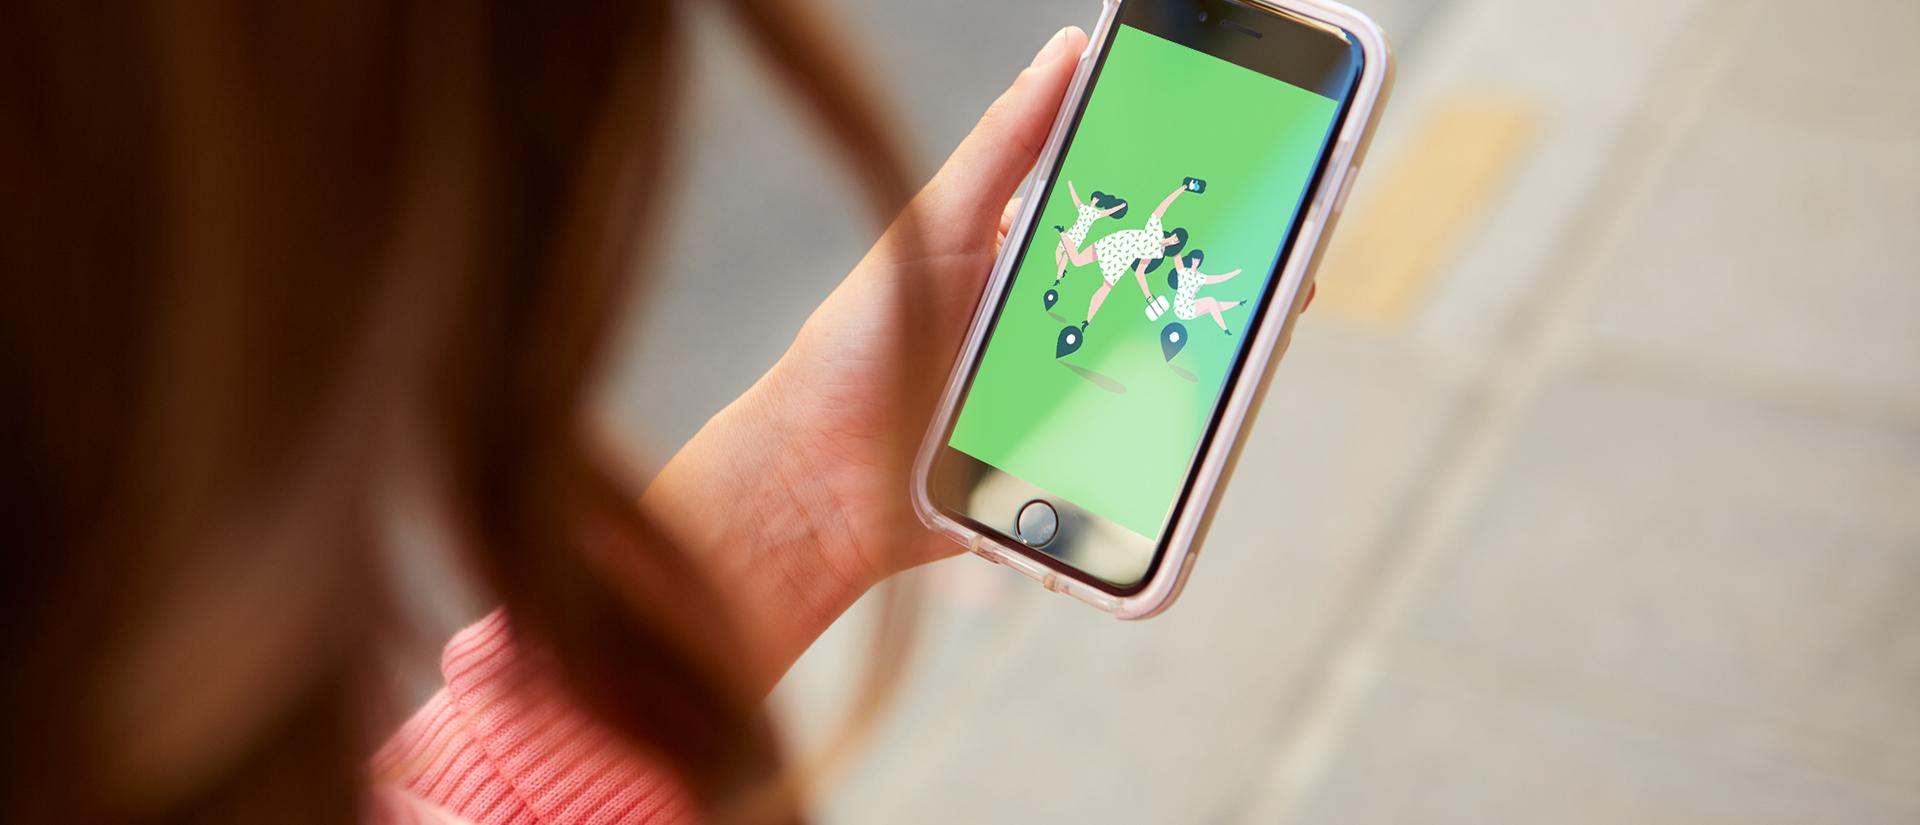 BlaBlaCar introduce il BlaBlaPass: scompaiono le commissioni sui singoli viaggi e arriva l'opzione contanti.